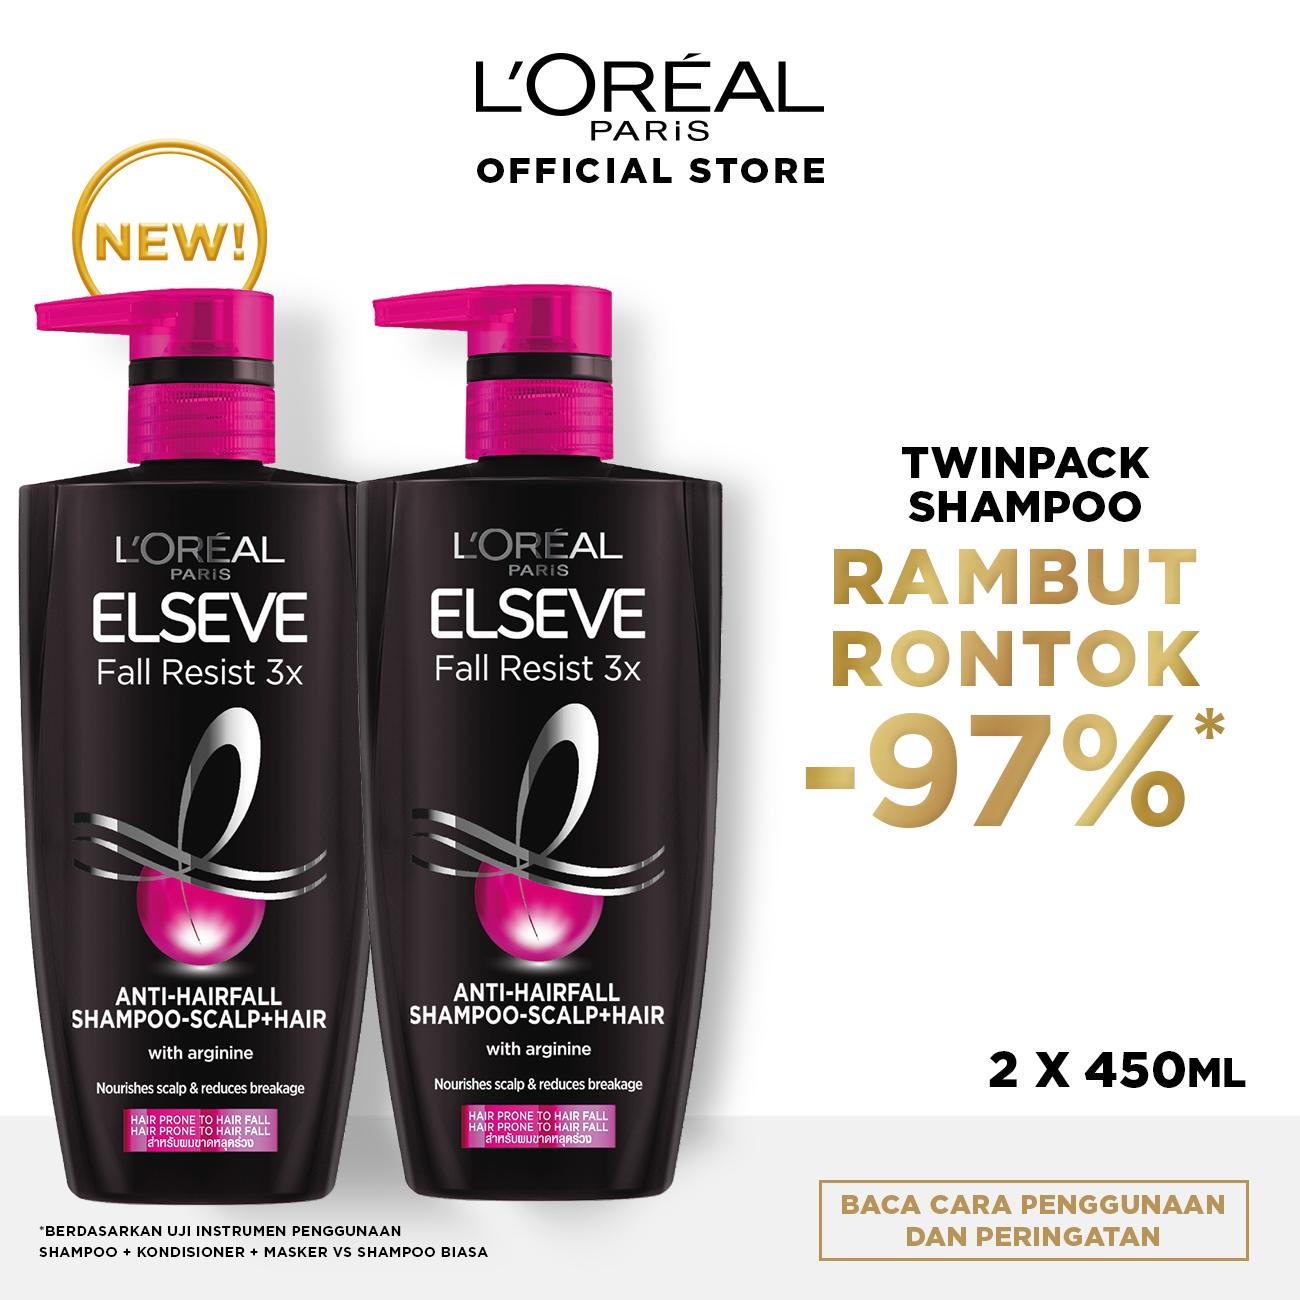 L'Oreal Paris Fall Resist 3x Shampoo Hair Care 450 ml Twinpack [Perawatan Rambut Rontok]